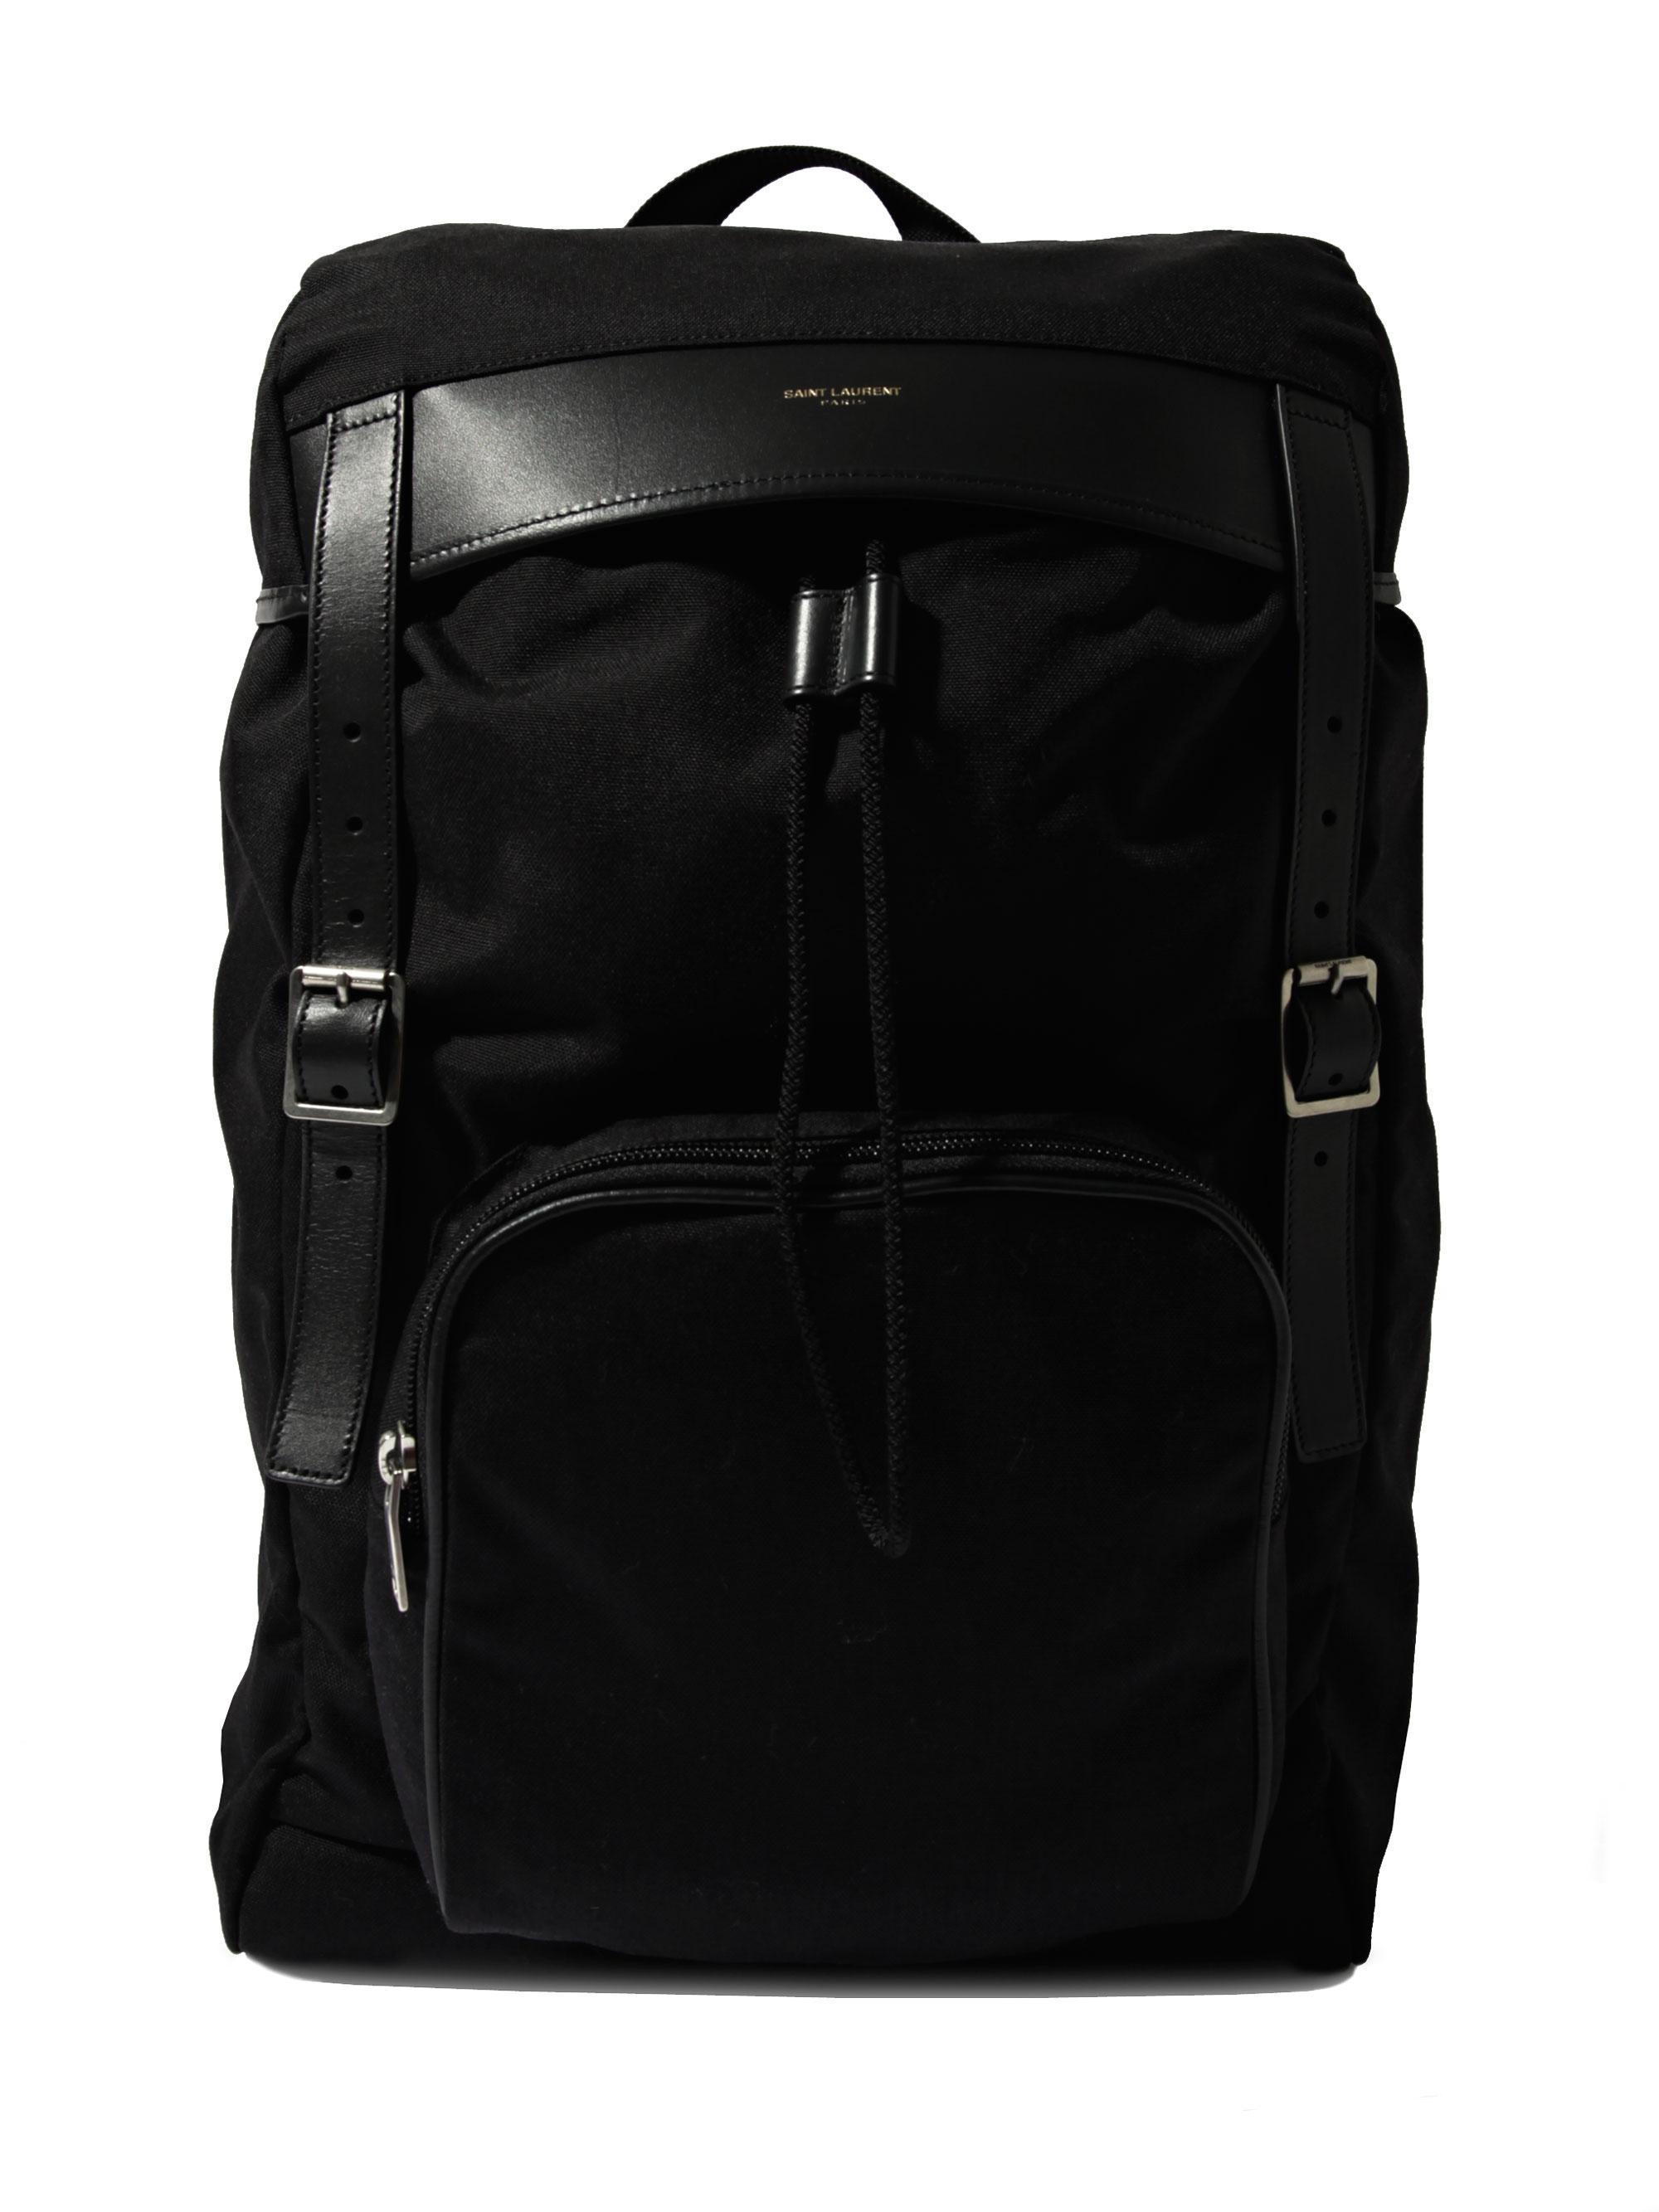 2aa94280c7dc Saint Laurent Bag Mens. Lyst - Saint Laurent Black Leather Vavin Duffel ...